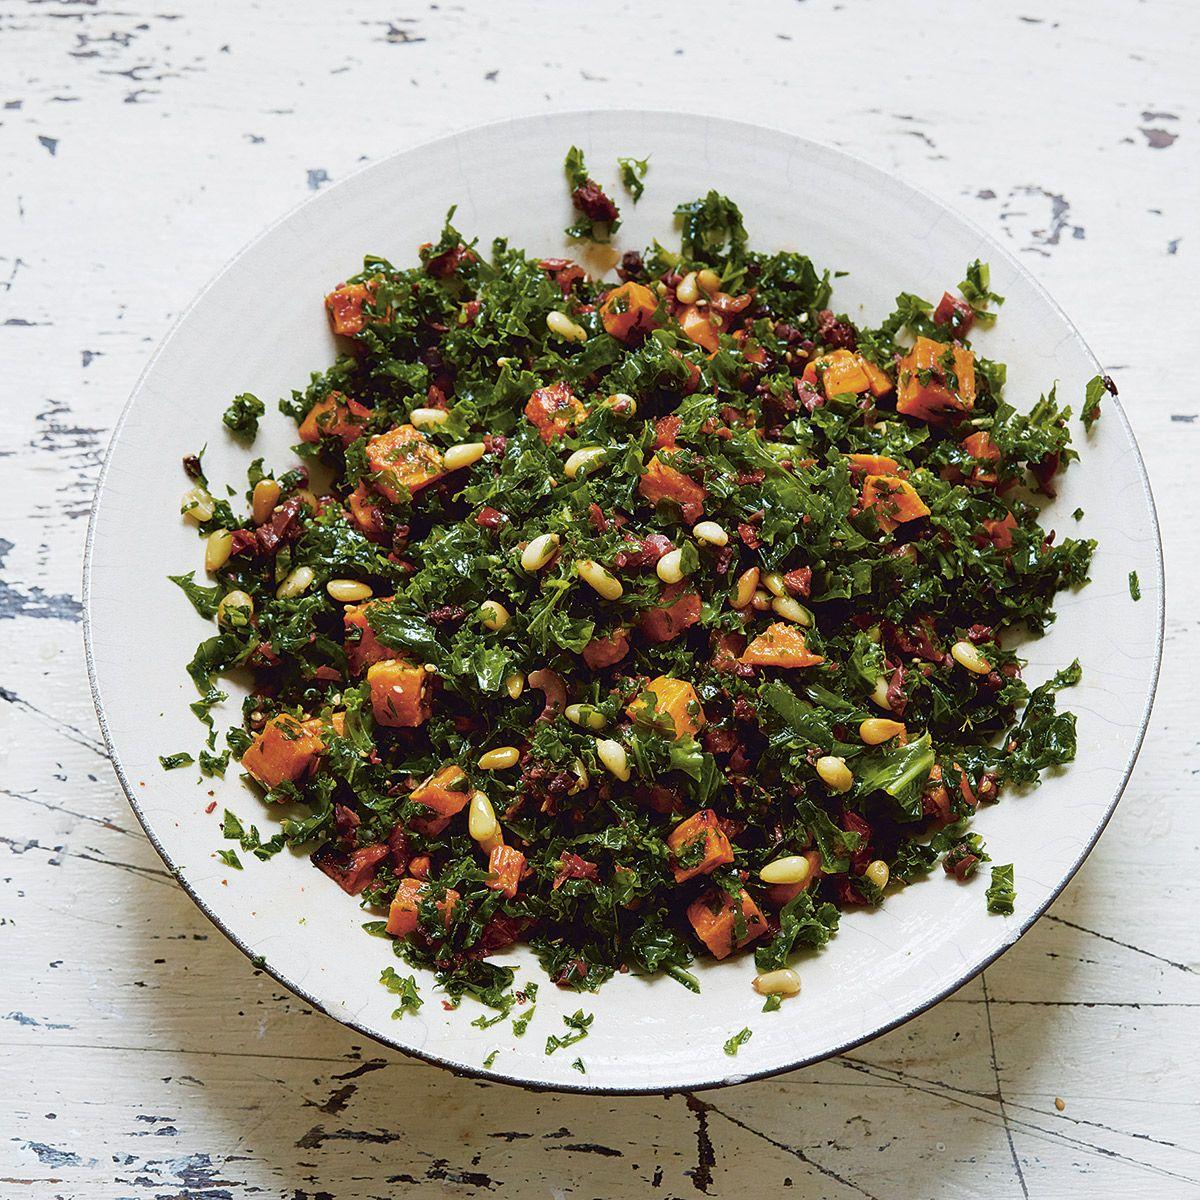 rezept von ella mills gr nkohlsalat mit getrockneten tomaten oliven und s kartoffeln. Black Bedroom Furniture Sets. Home Design Ideas